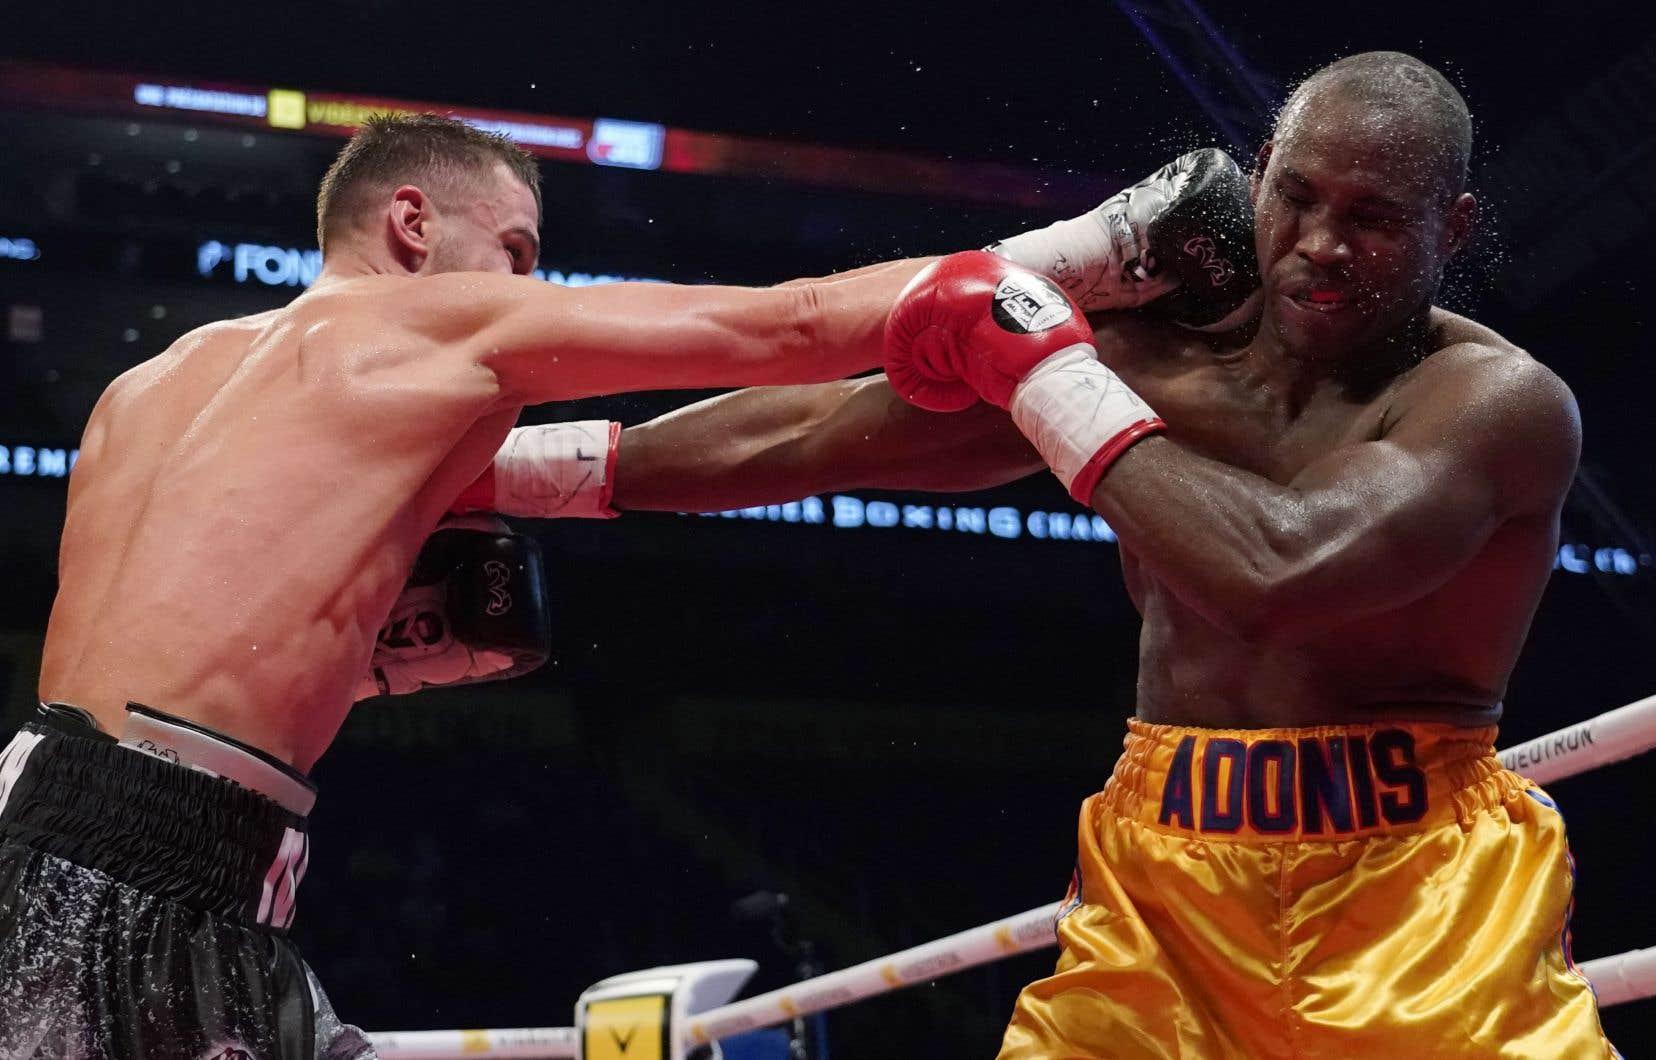 Adonis Stevenson est tombé au onzième round sous les coups répétés à la tête assenés par son adversaire Oleksandr Gvozdyk, dans un combat présenté samedi soir au Centre Vidéotron à Québec.